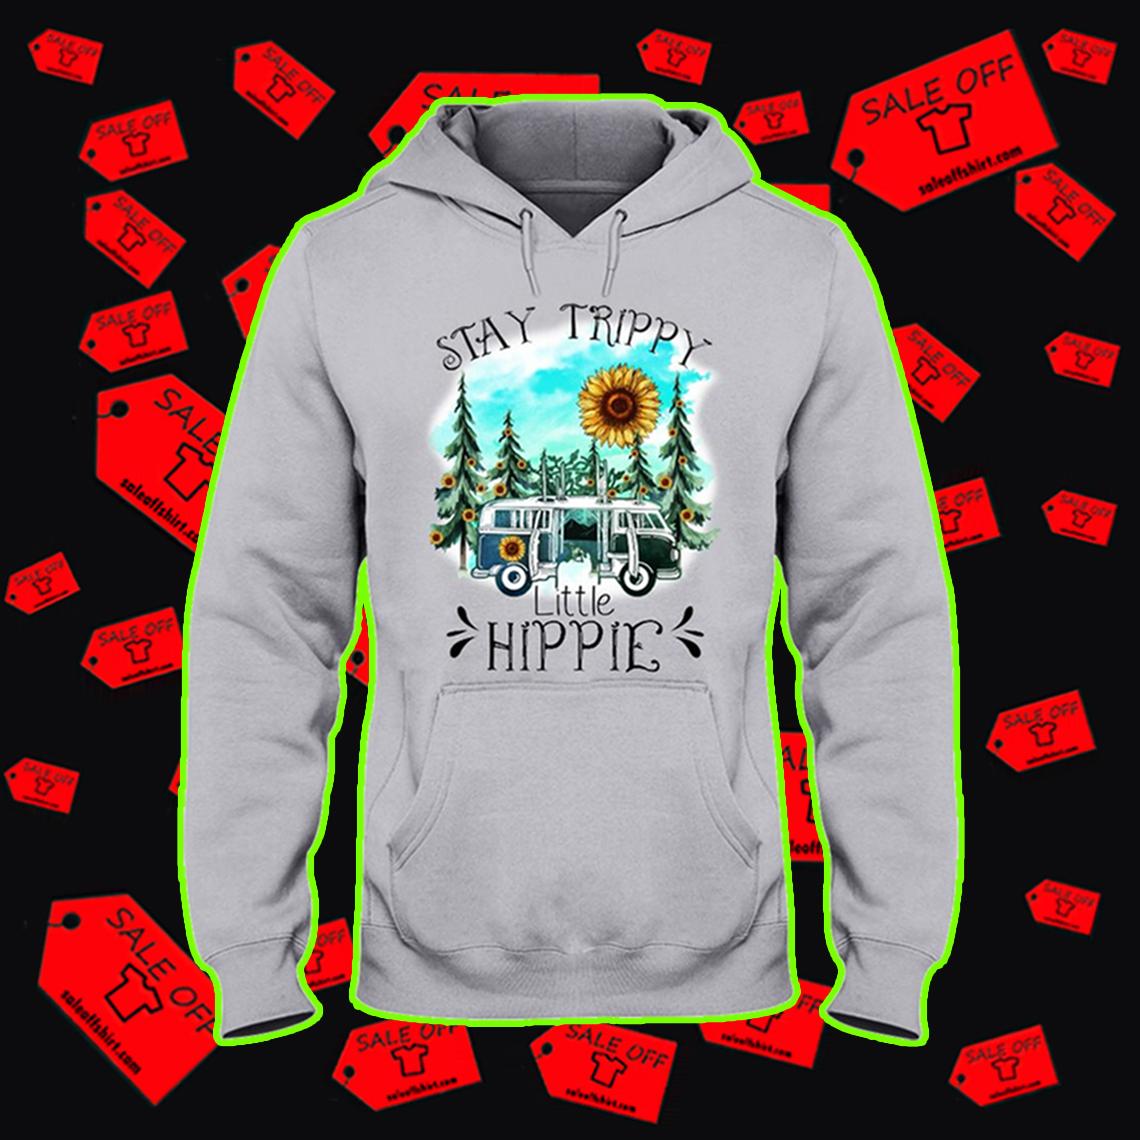 Stay trippy little hippie hooded sweatshirt